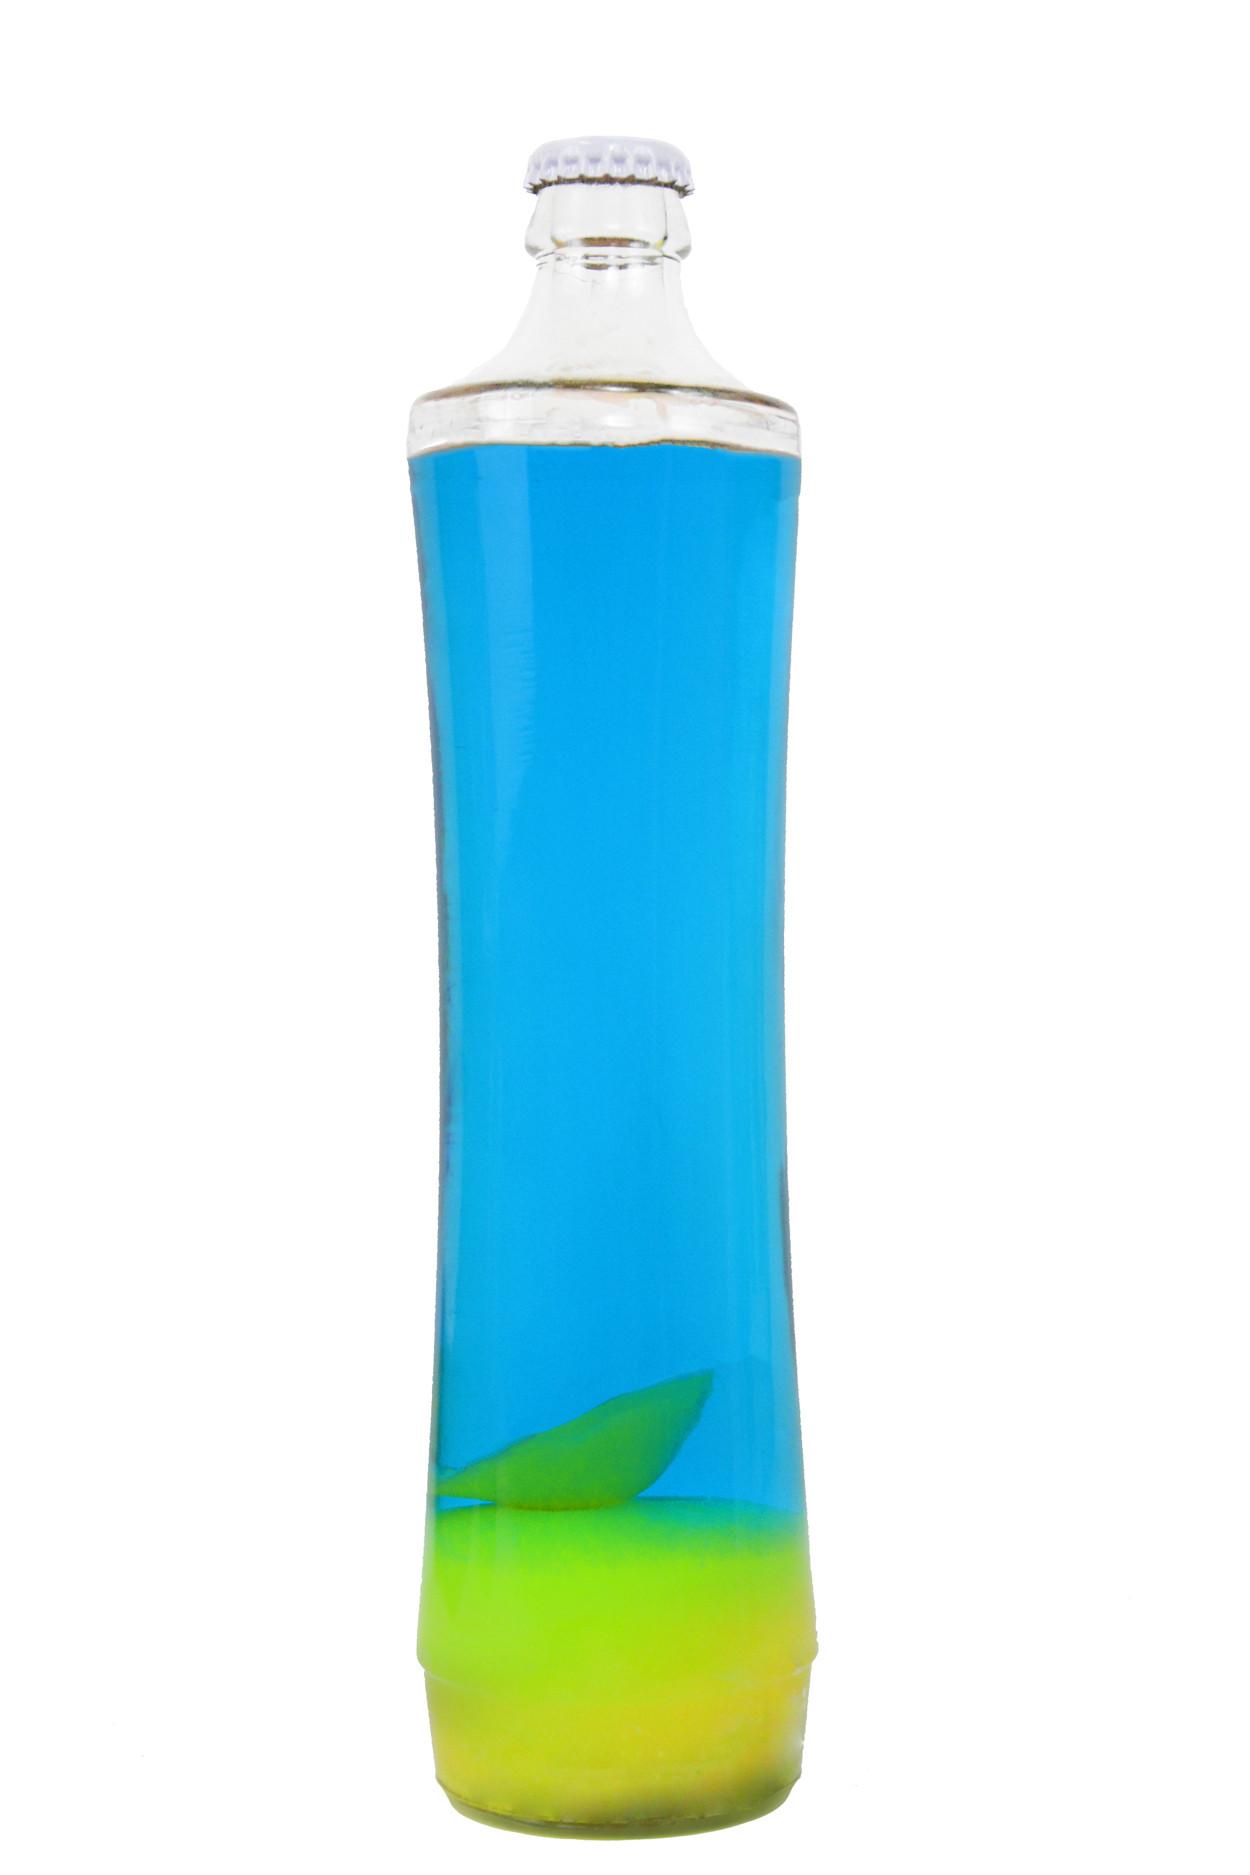 Колба Amperia для лава-лампы Grace 39 см Желтая/Синяя (21*7 см)